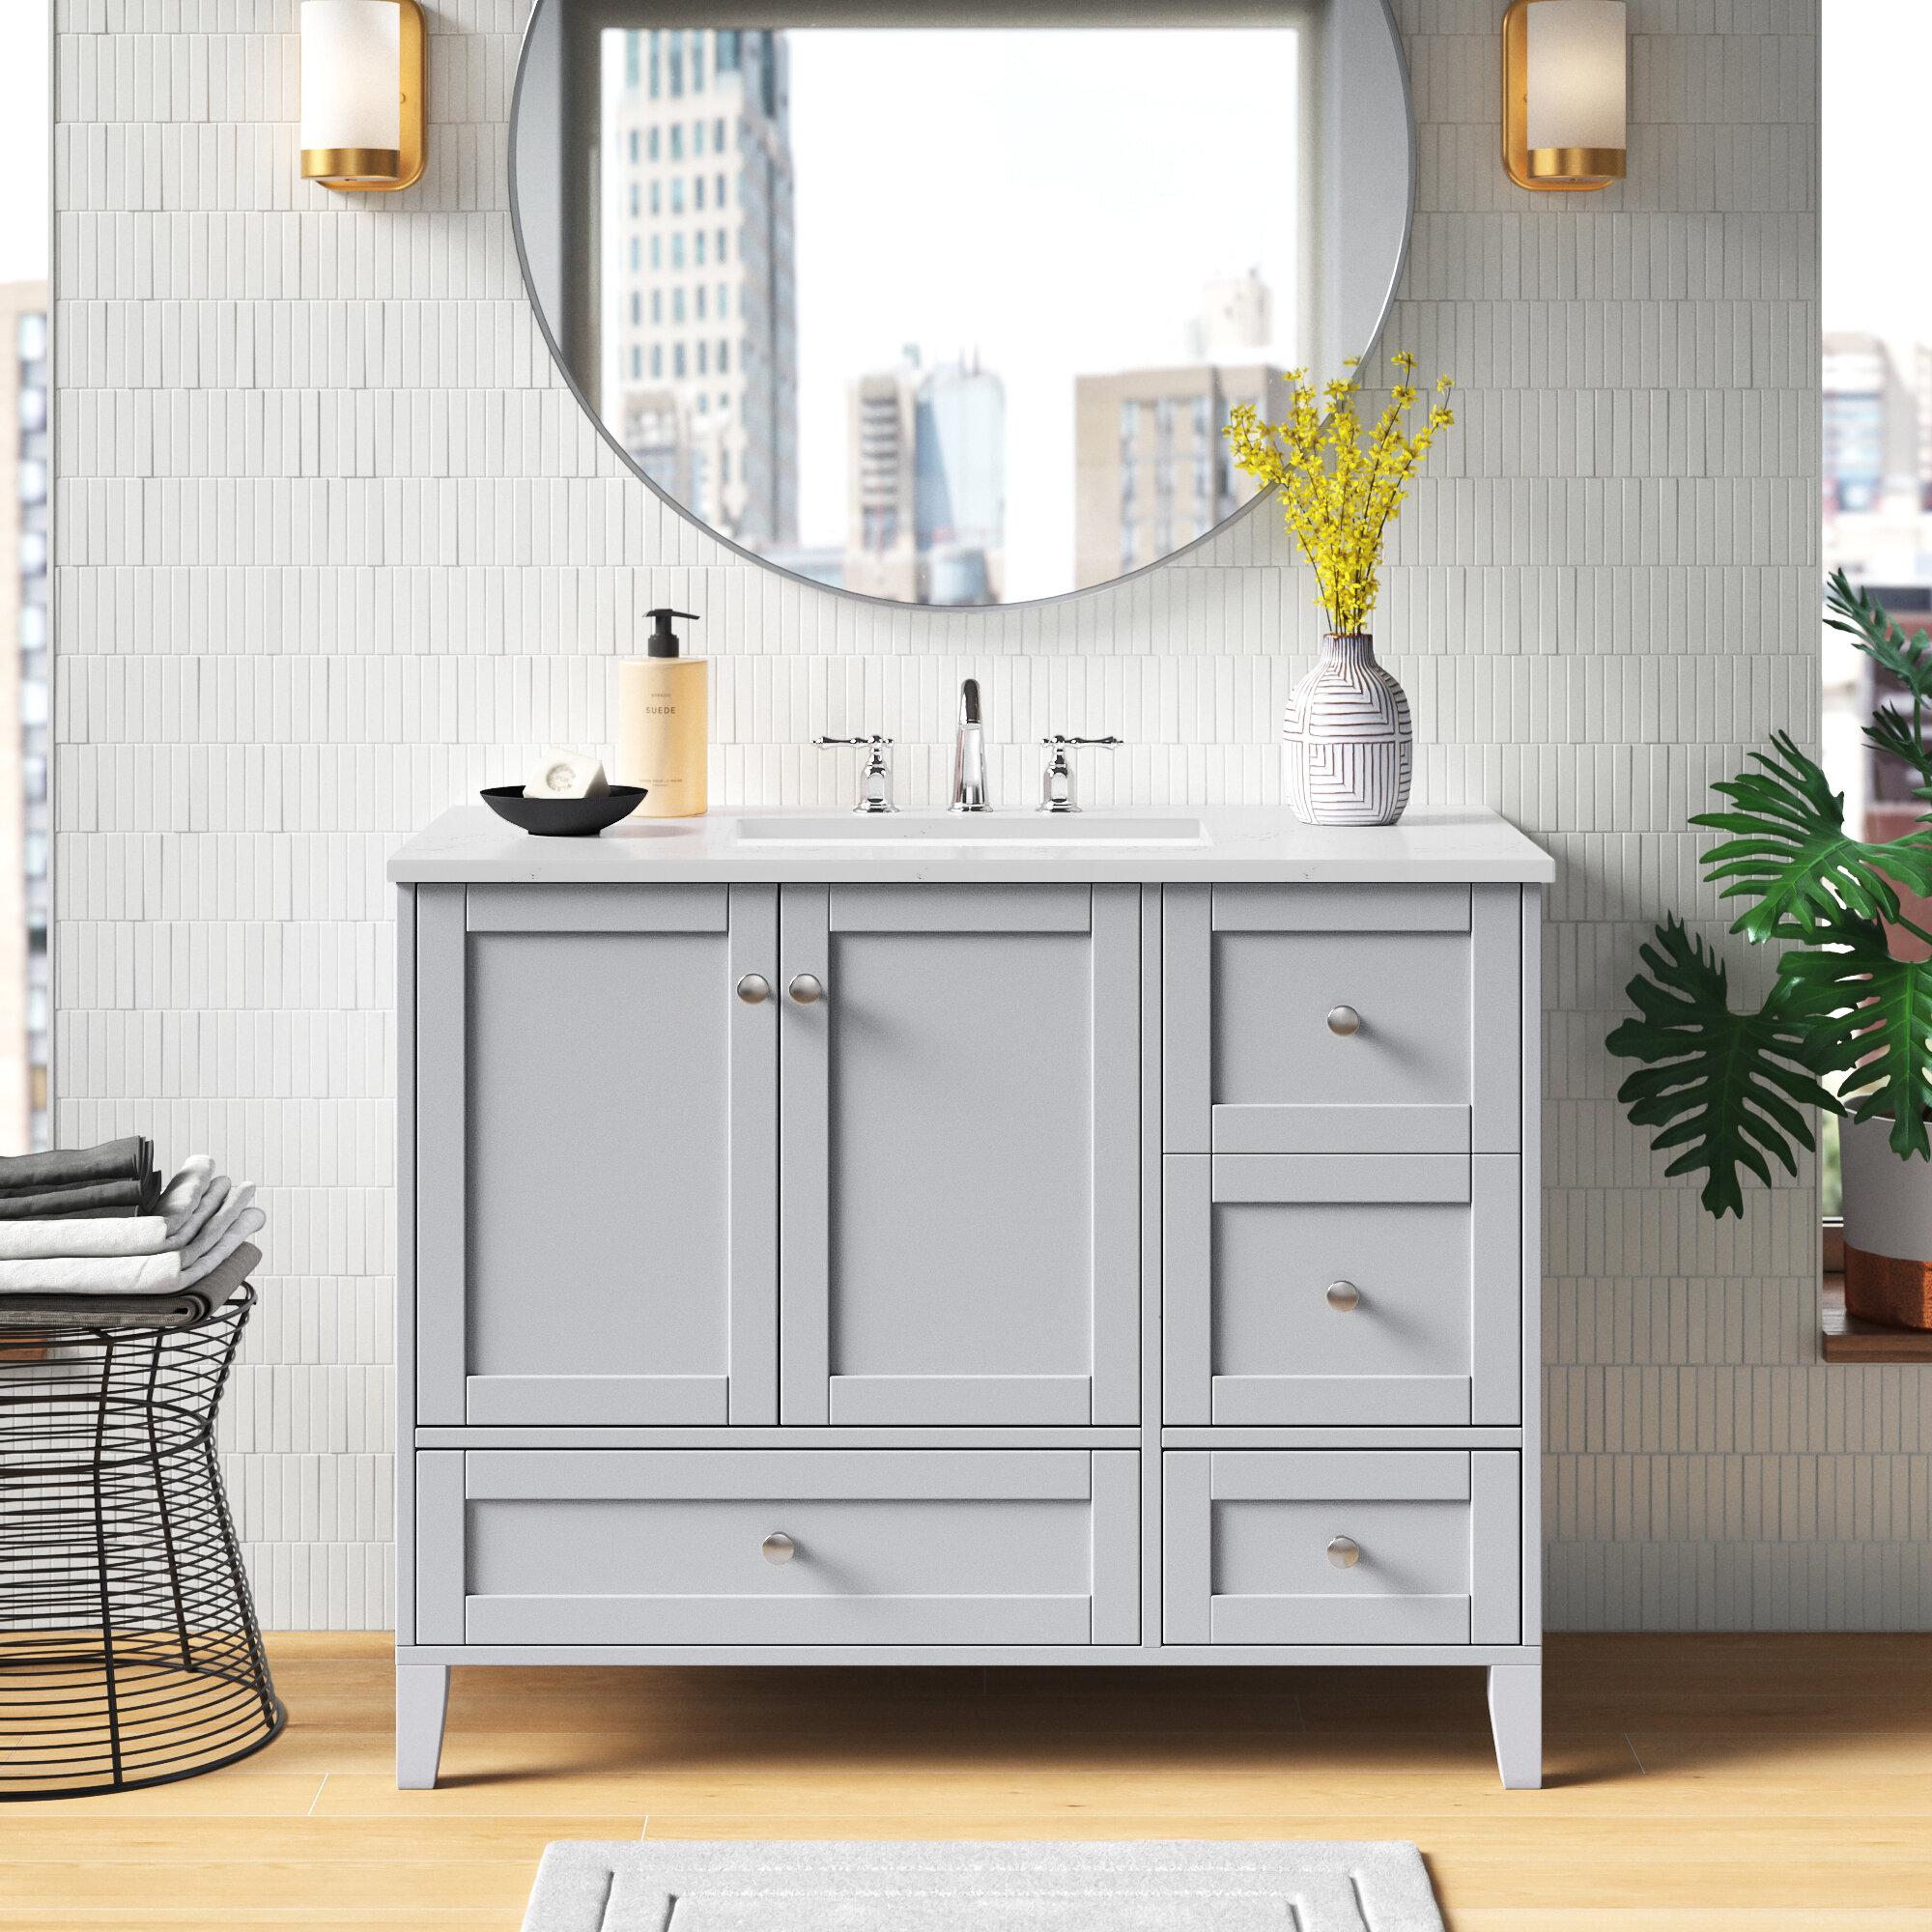 Wayfair   20 Drawer Bathroom Vanities You'll Love in 20